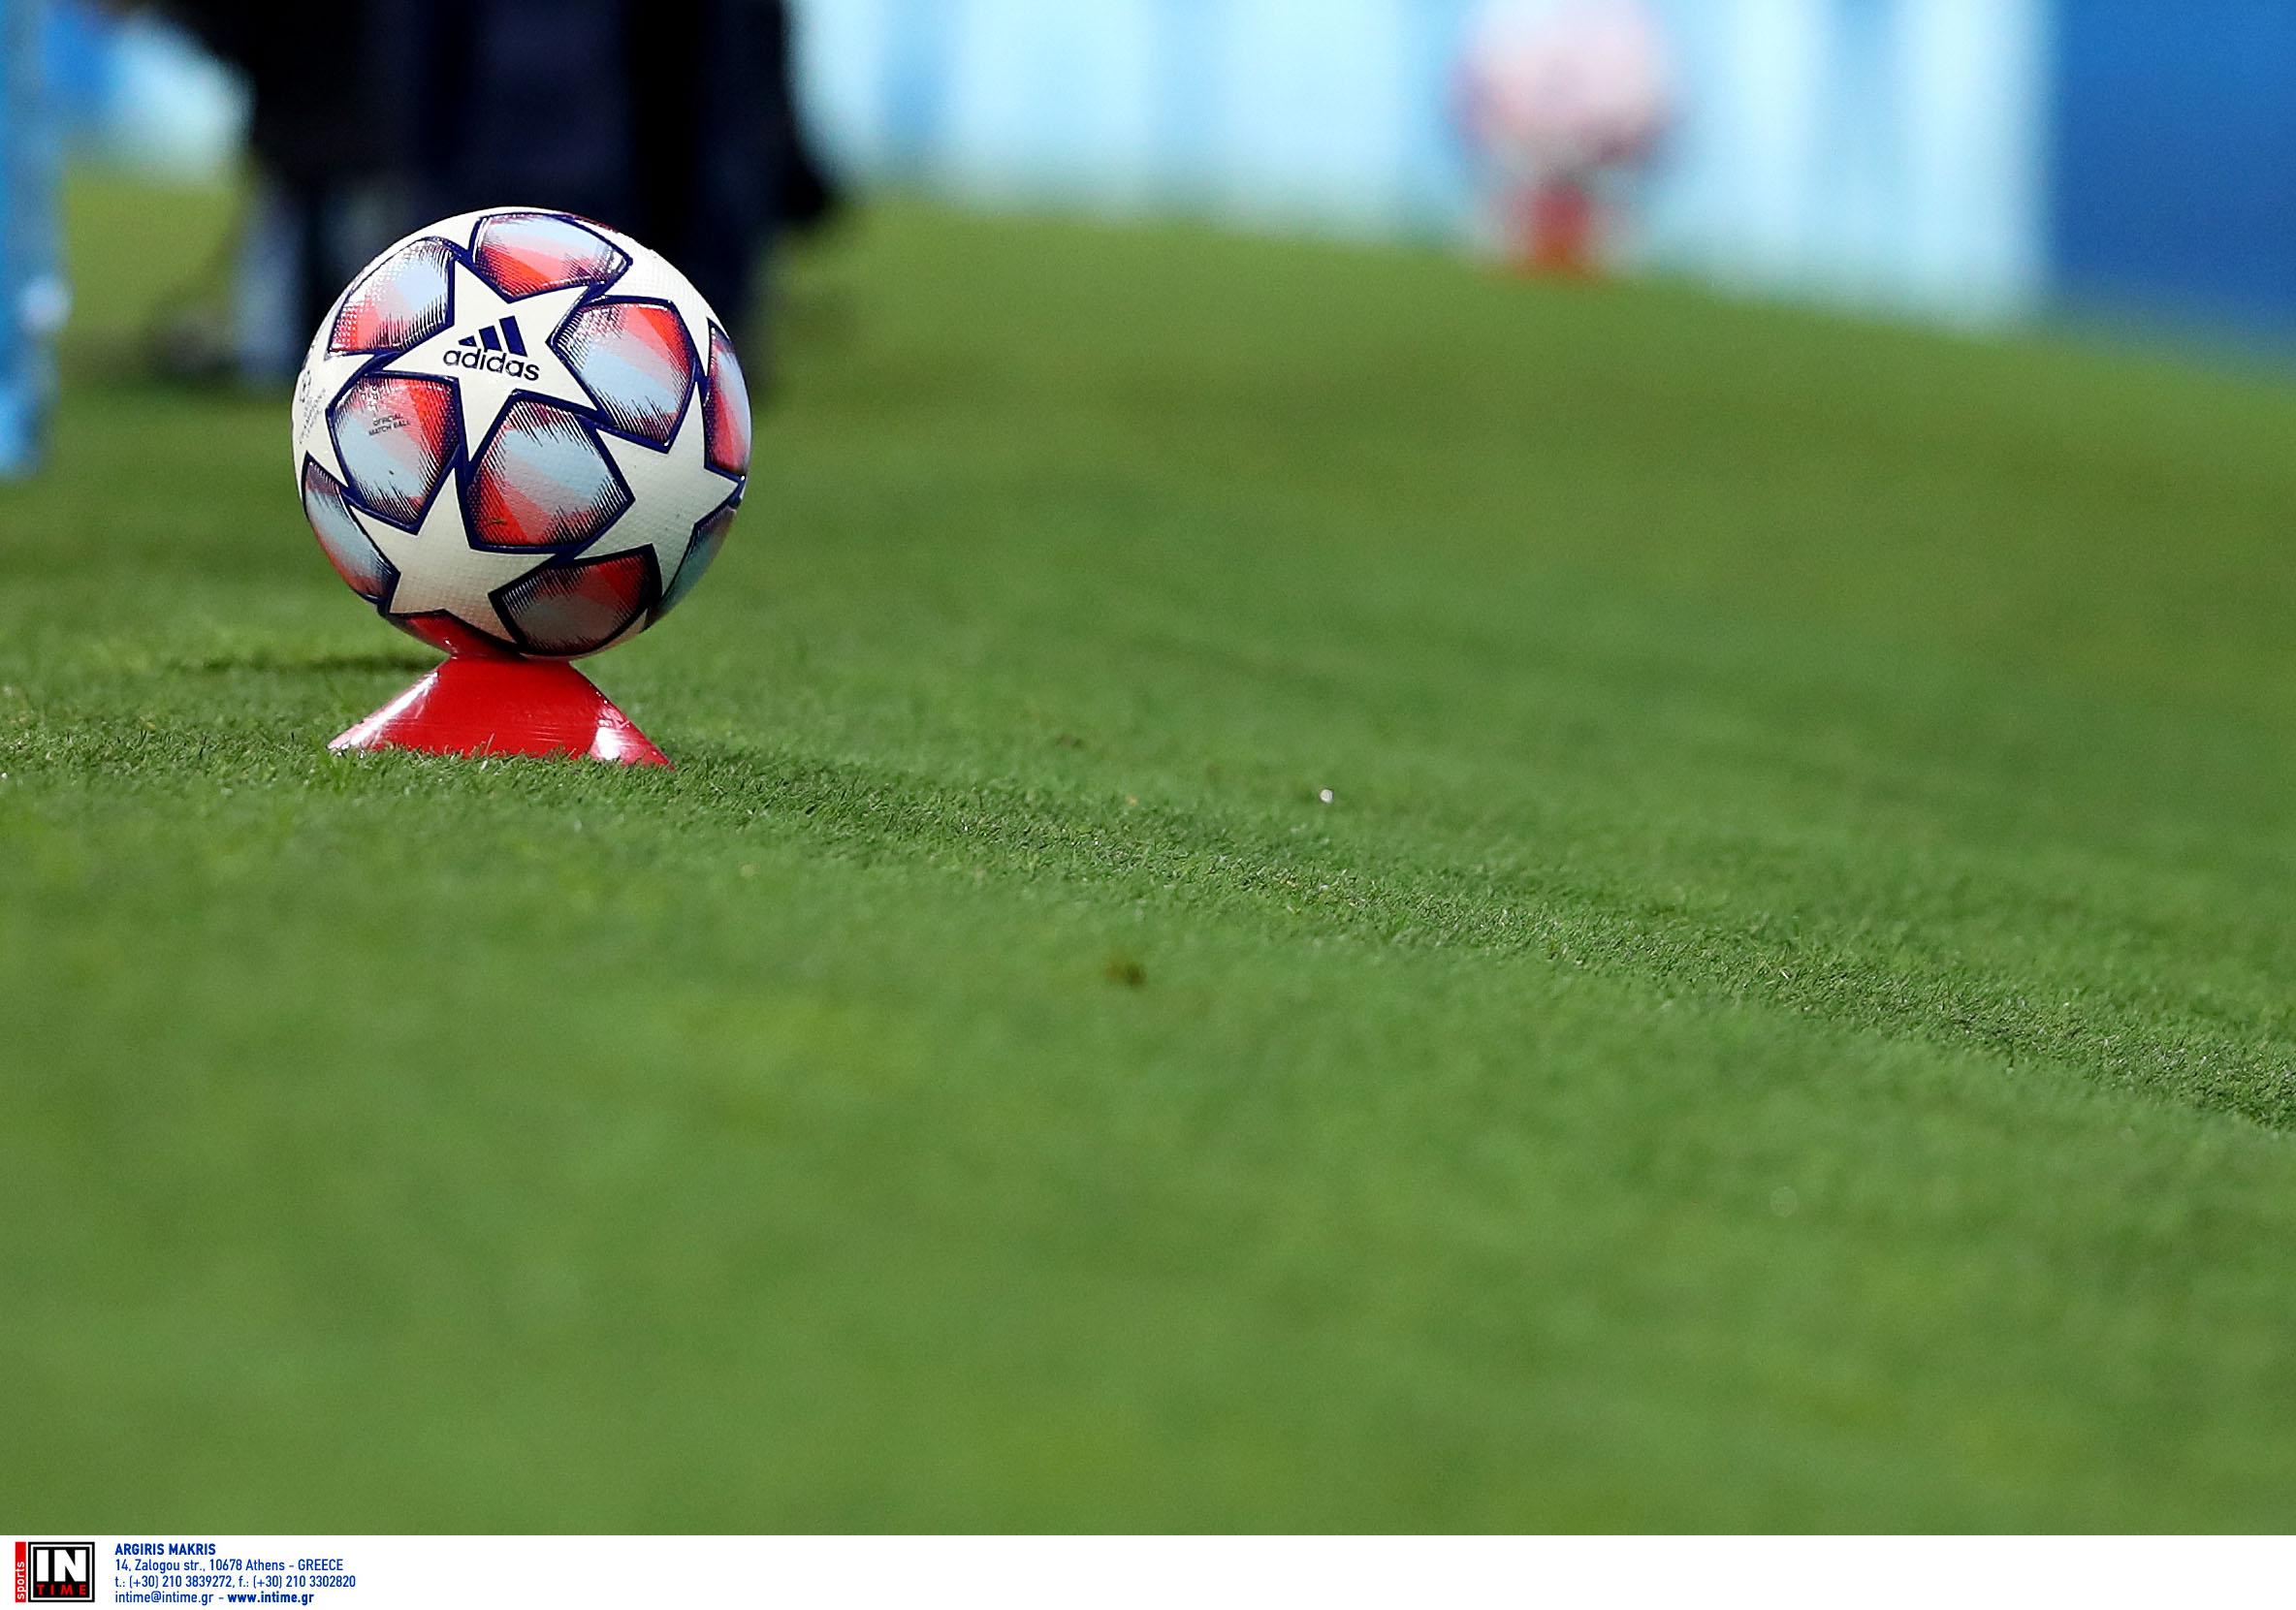 Μεγάλα παιχνίδια στα προημιτελικά των Κυπέλλων Ευρώπης